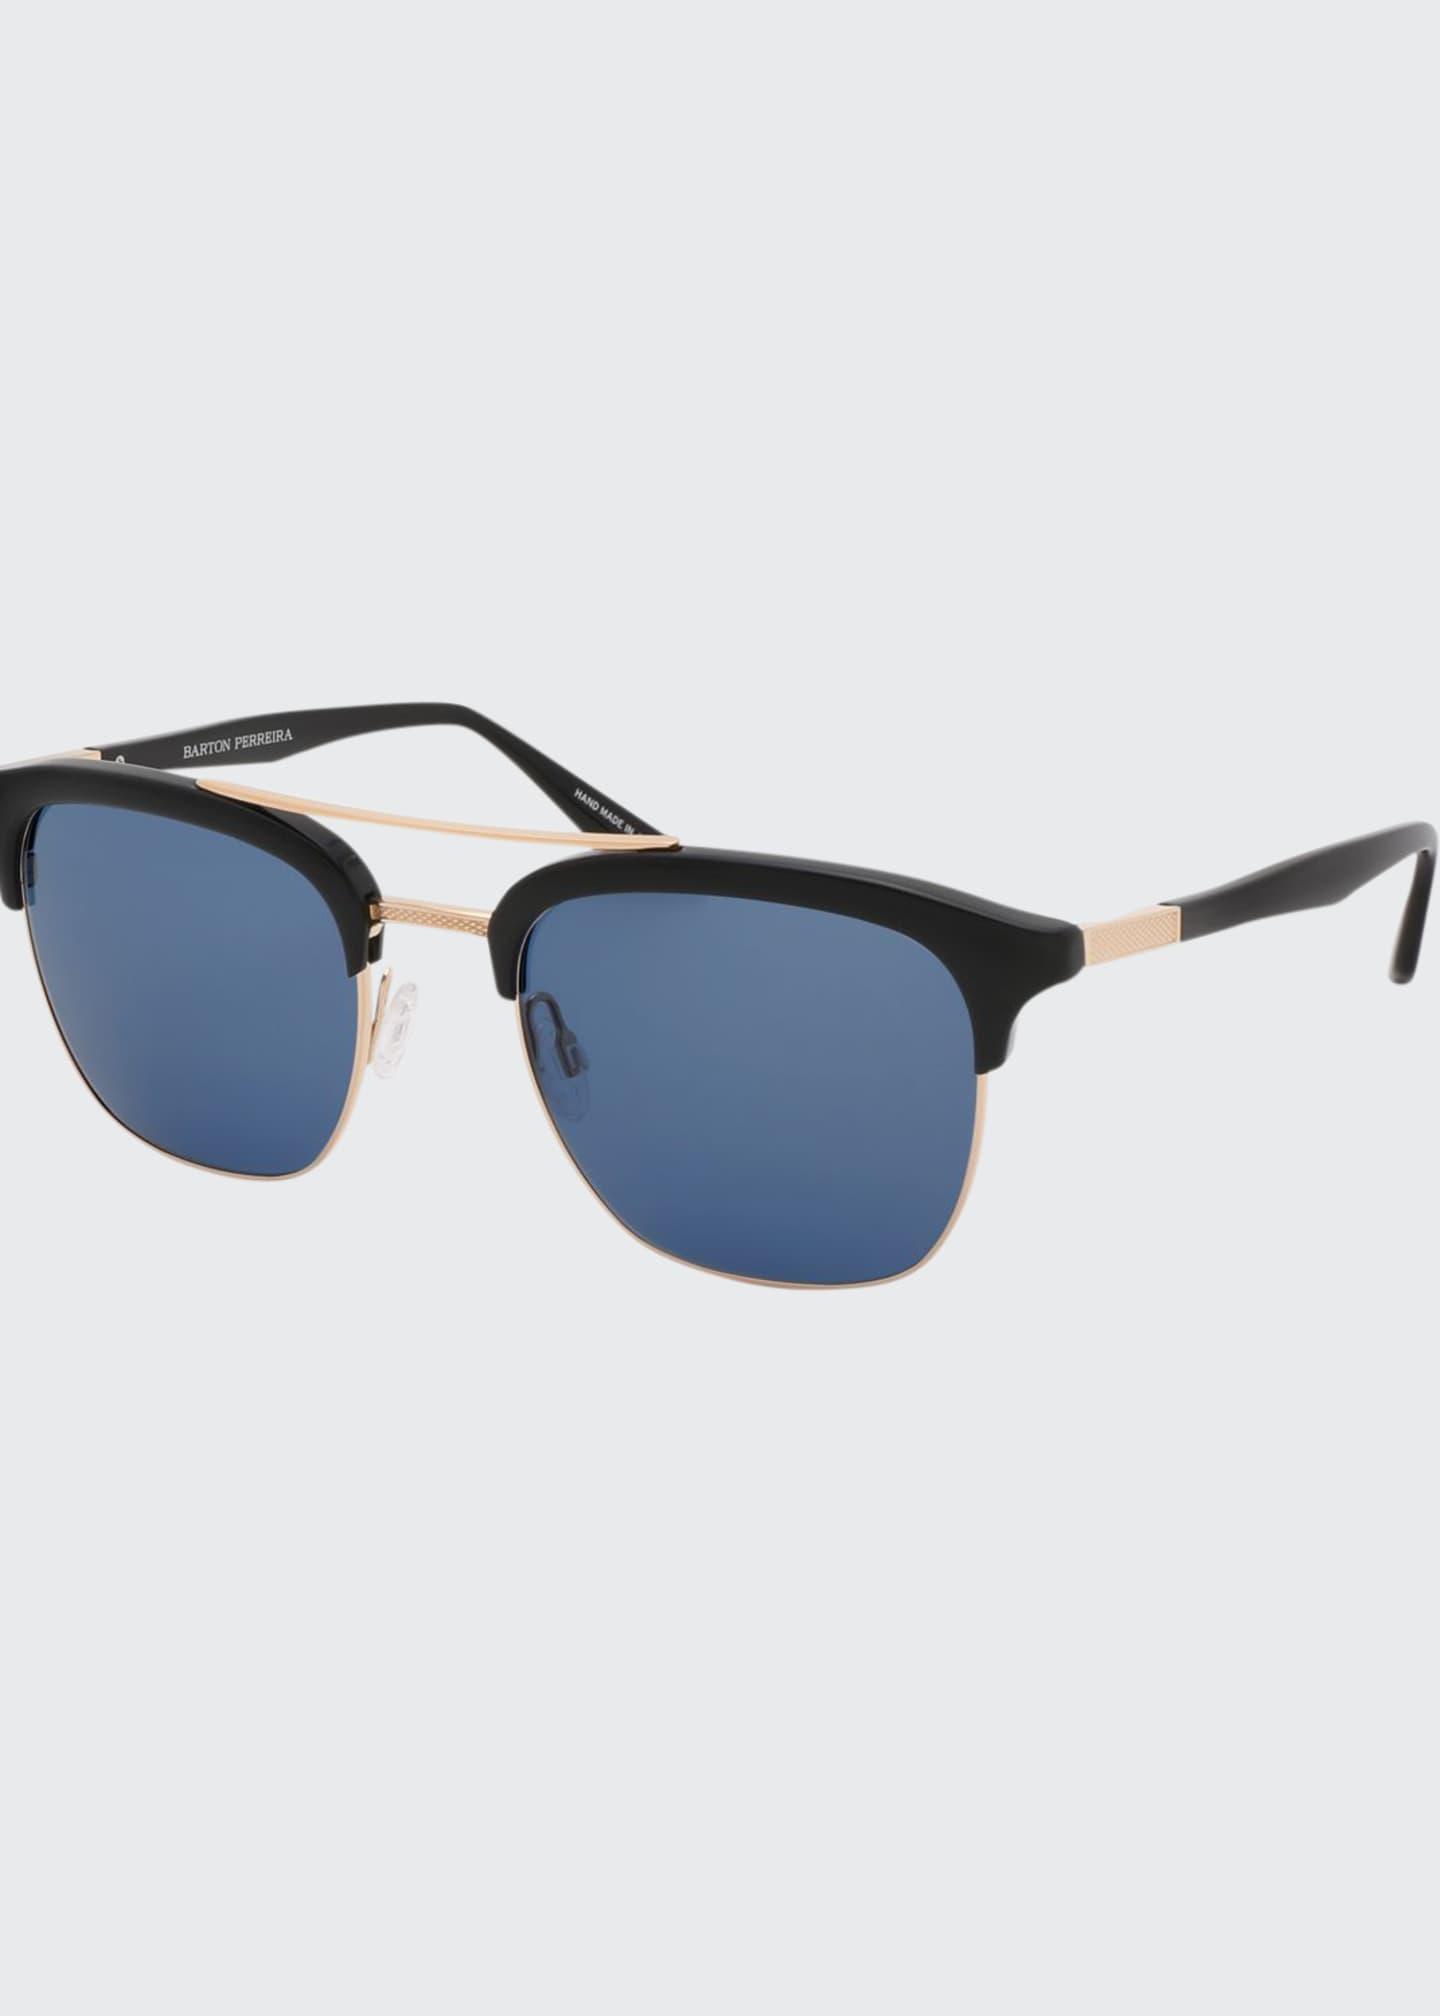 Barton Perreira Men's Lenox Acetate & Titanium Sunglasses